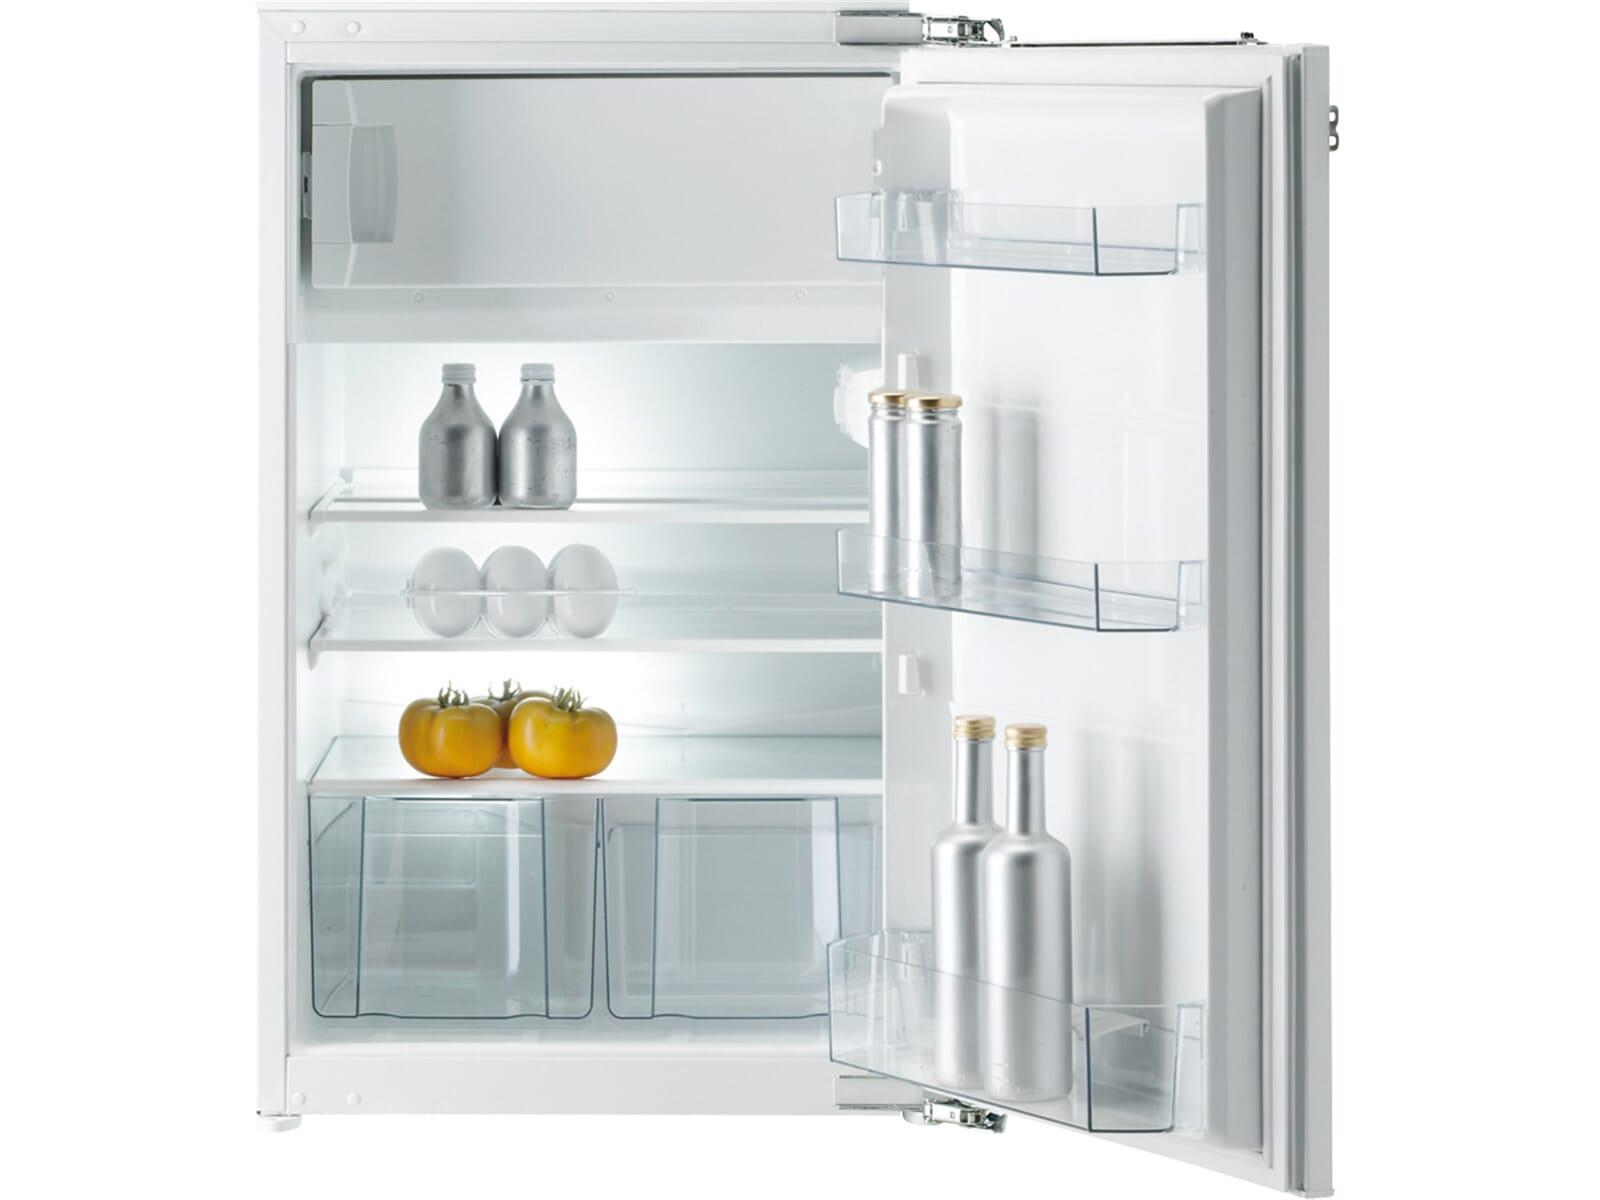 Gorenje Kühlschrank Kombi : Kühlschrank einbaufähig respekta einbau kühlschrank kühl kombi